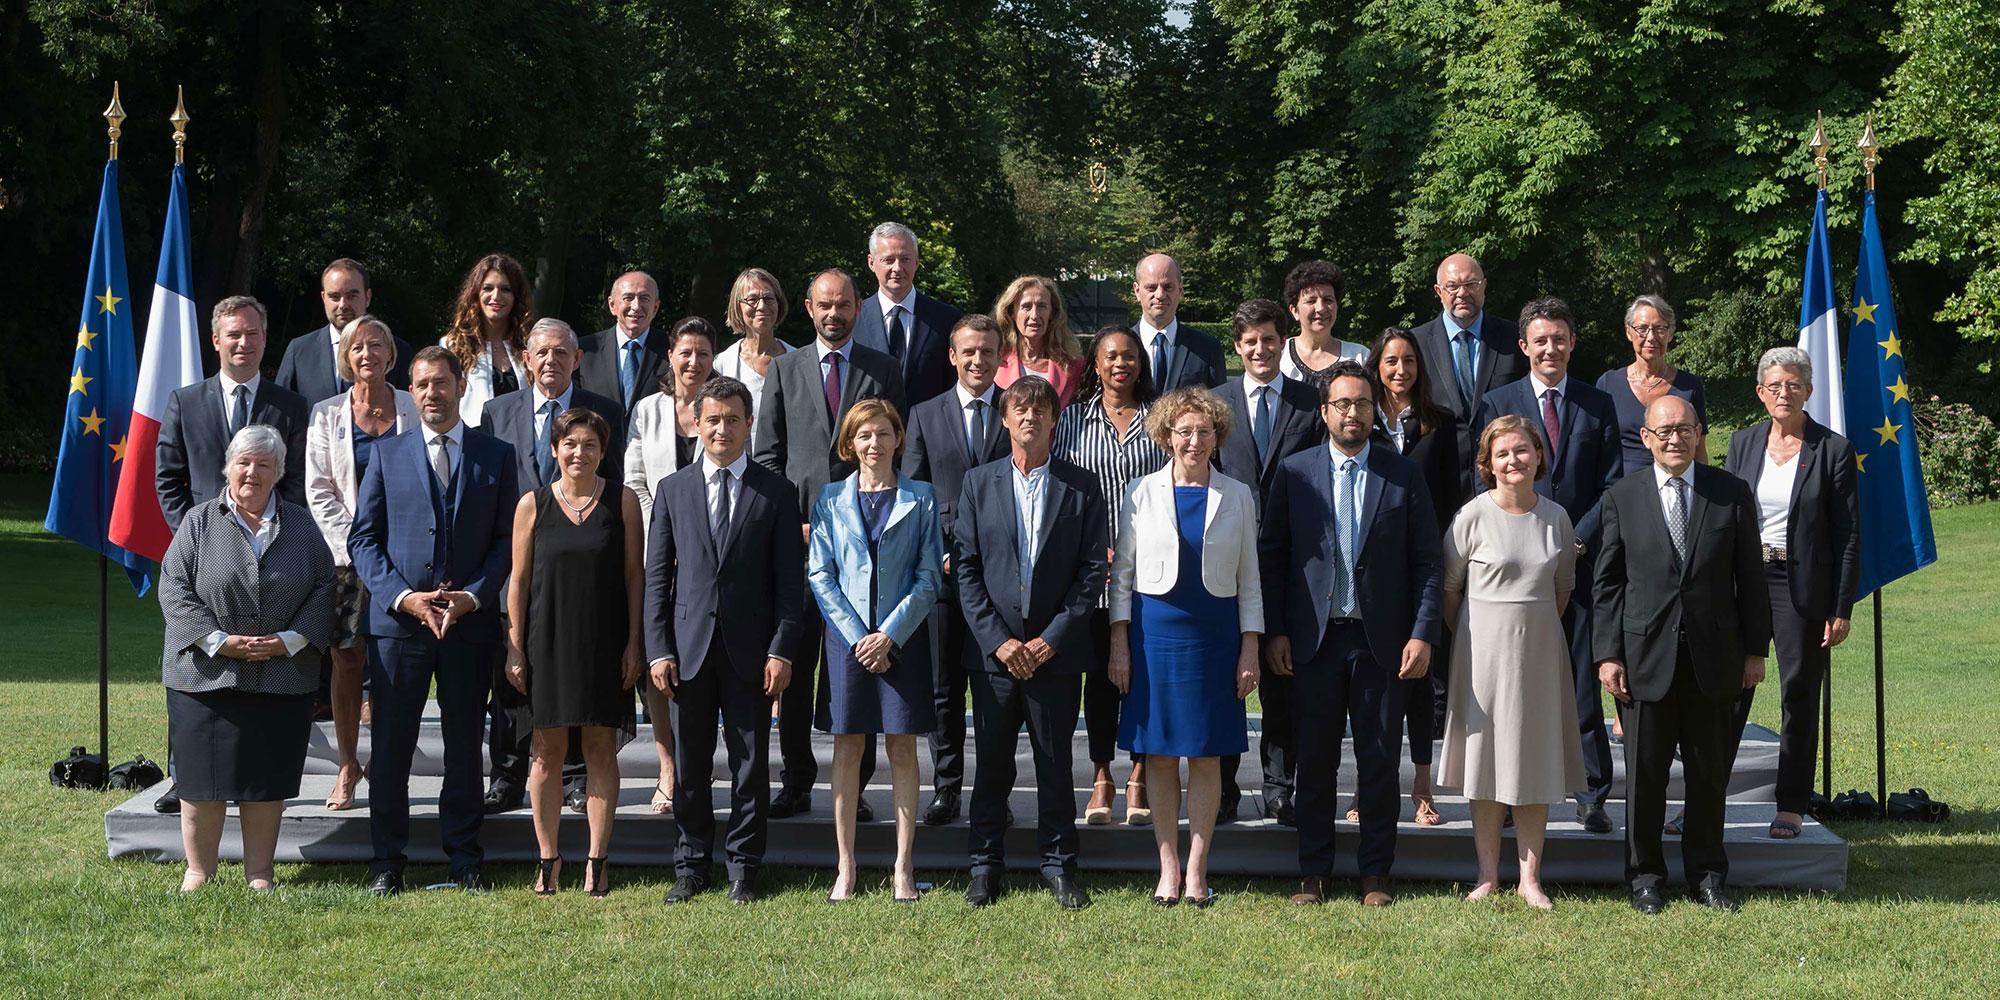 Nouveau gouvernement - Avipur Basse Normandie